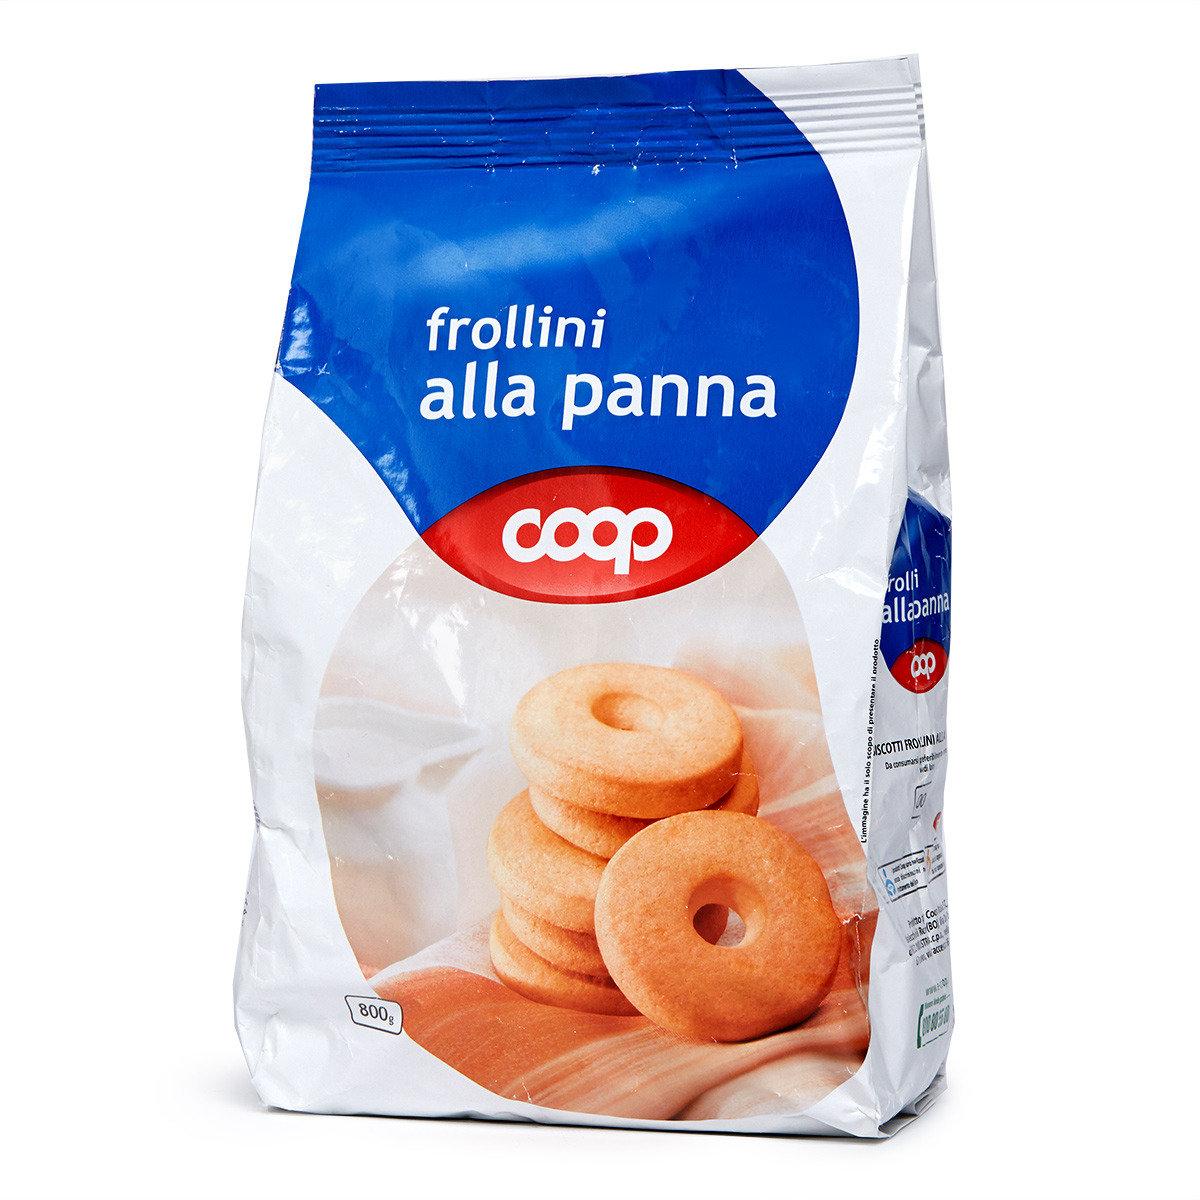 意大利奶油酥餅 (賞味期限: 2016年8月16日)